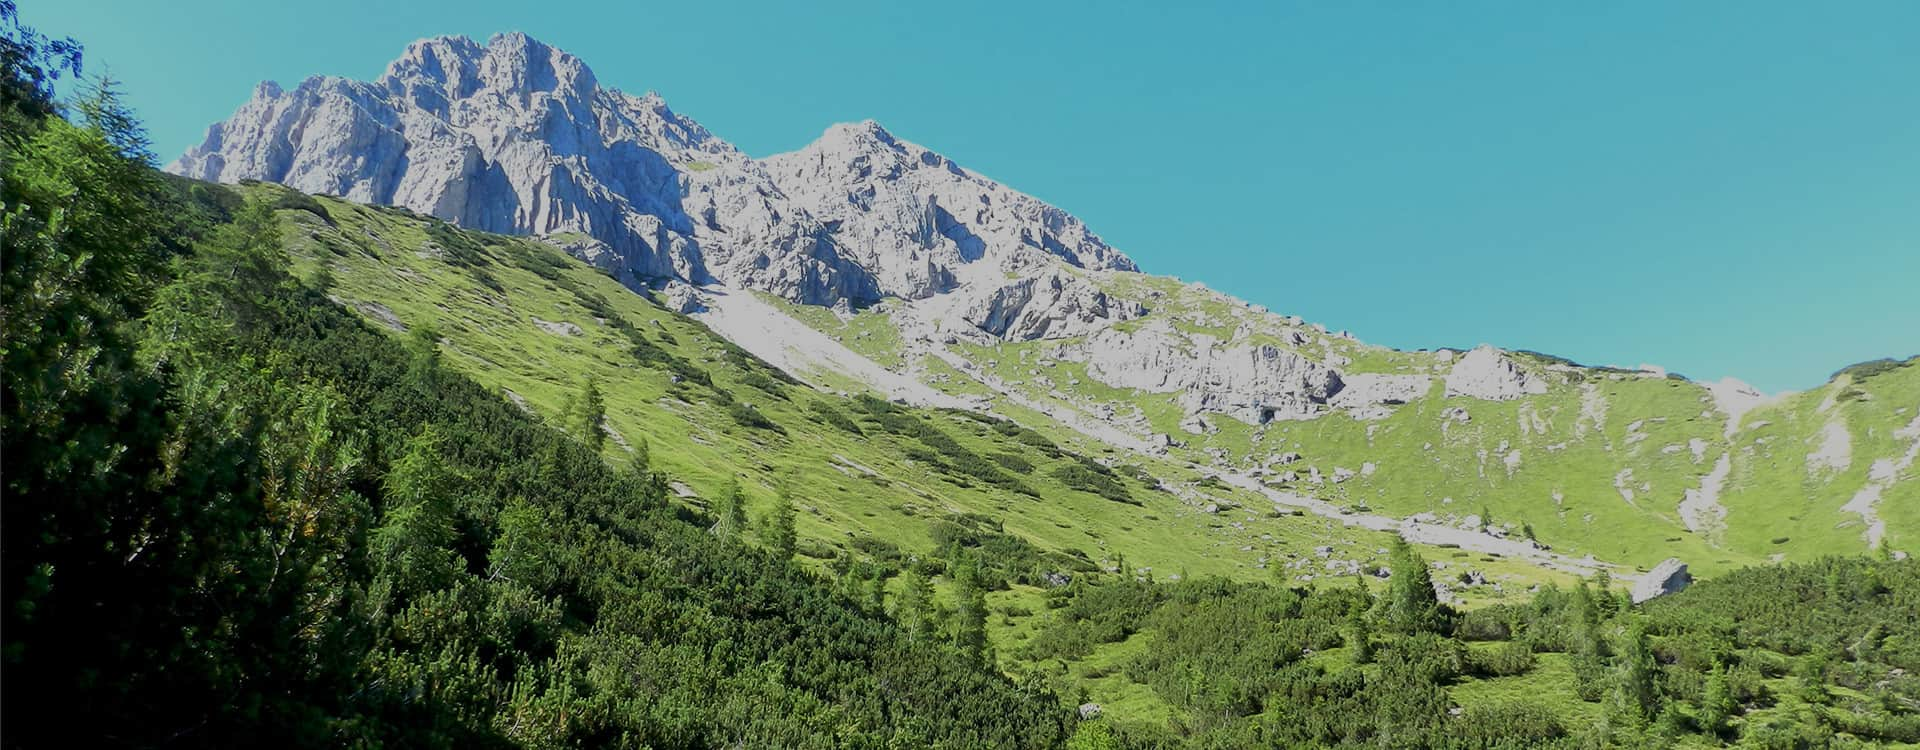 Prealpi Cansiglio Hiking Estate